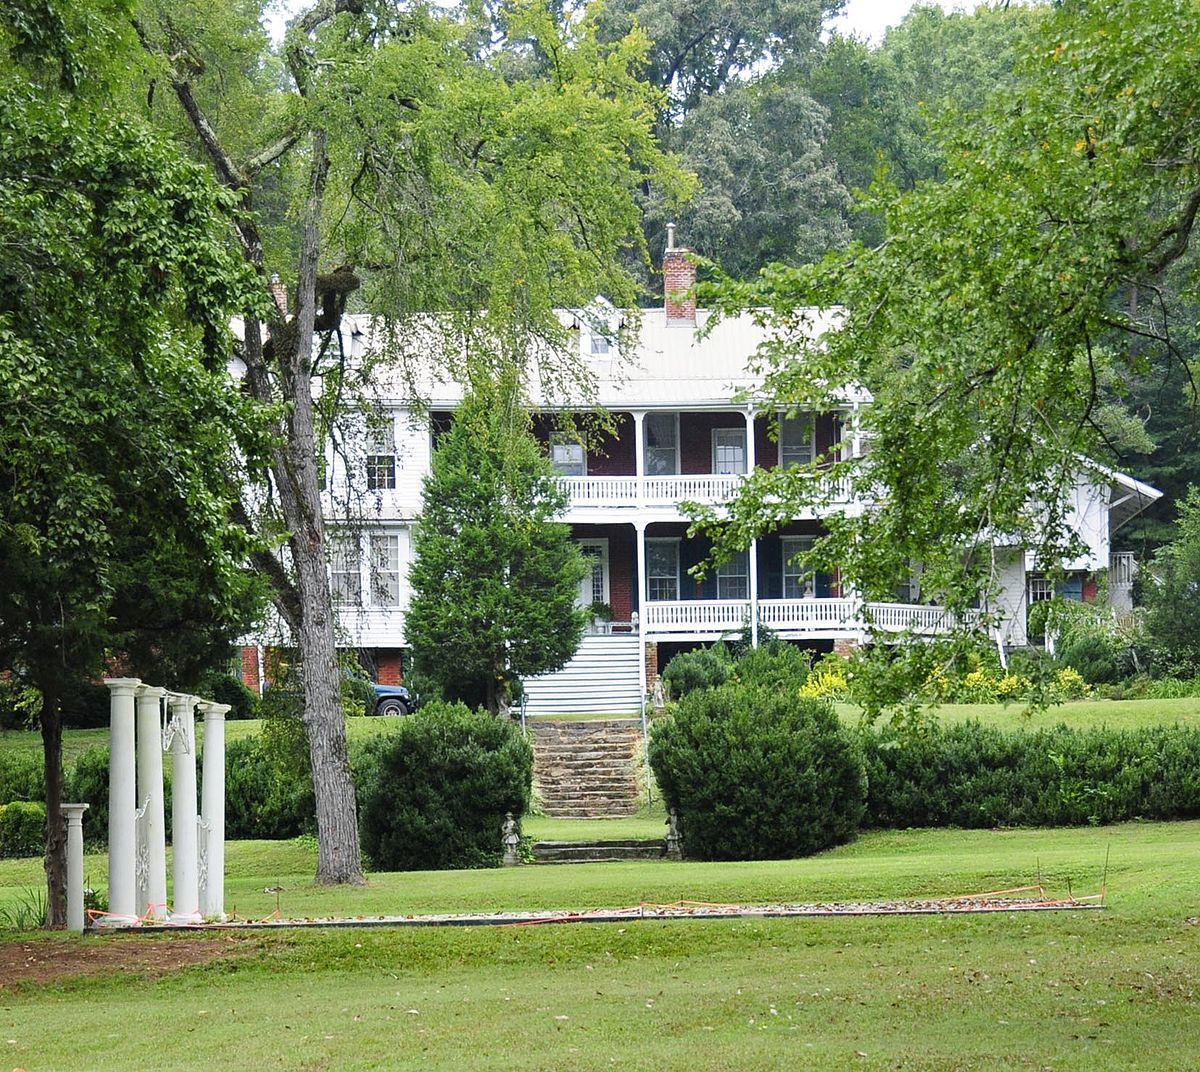 1200px-Green_River_Plantation Carolina Plantation Homes on carolina colonial homes, carolina plantations jacksonville nc, carolina plantation properties, quaker homes,